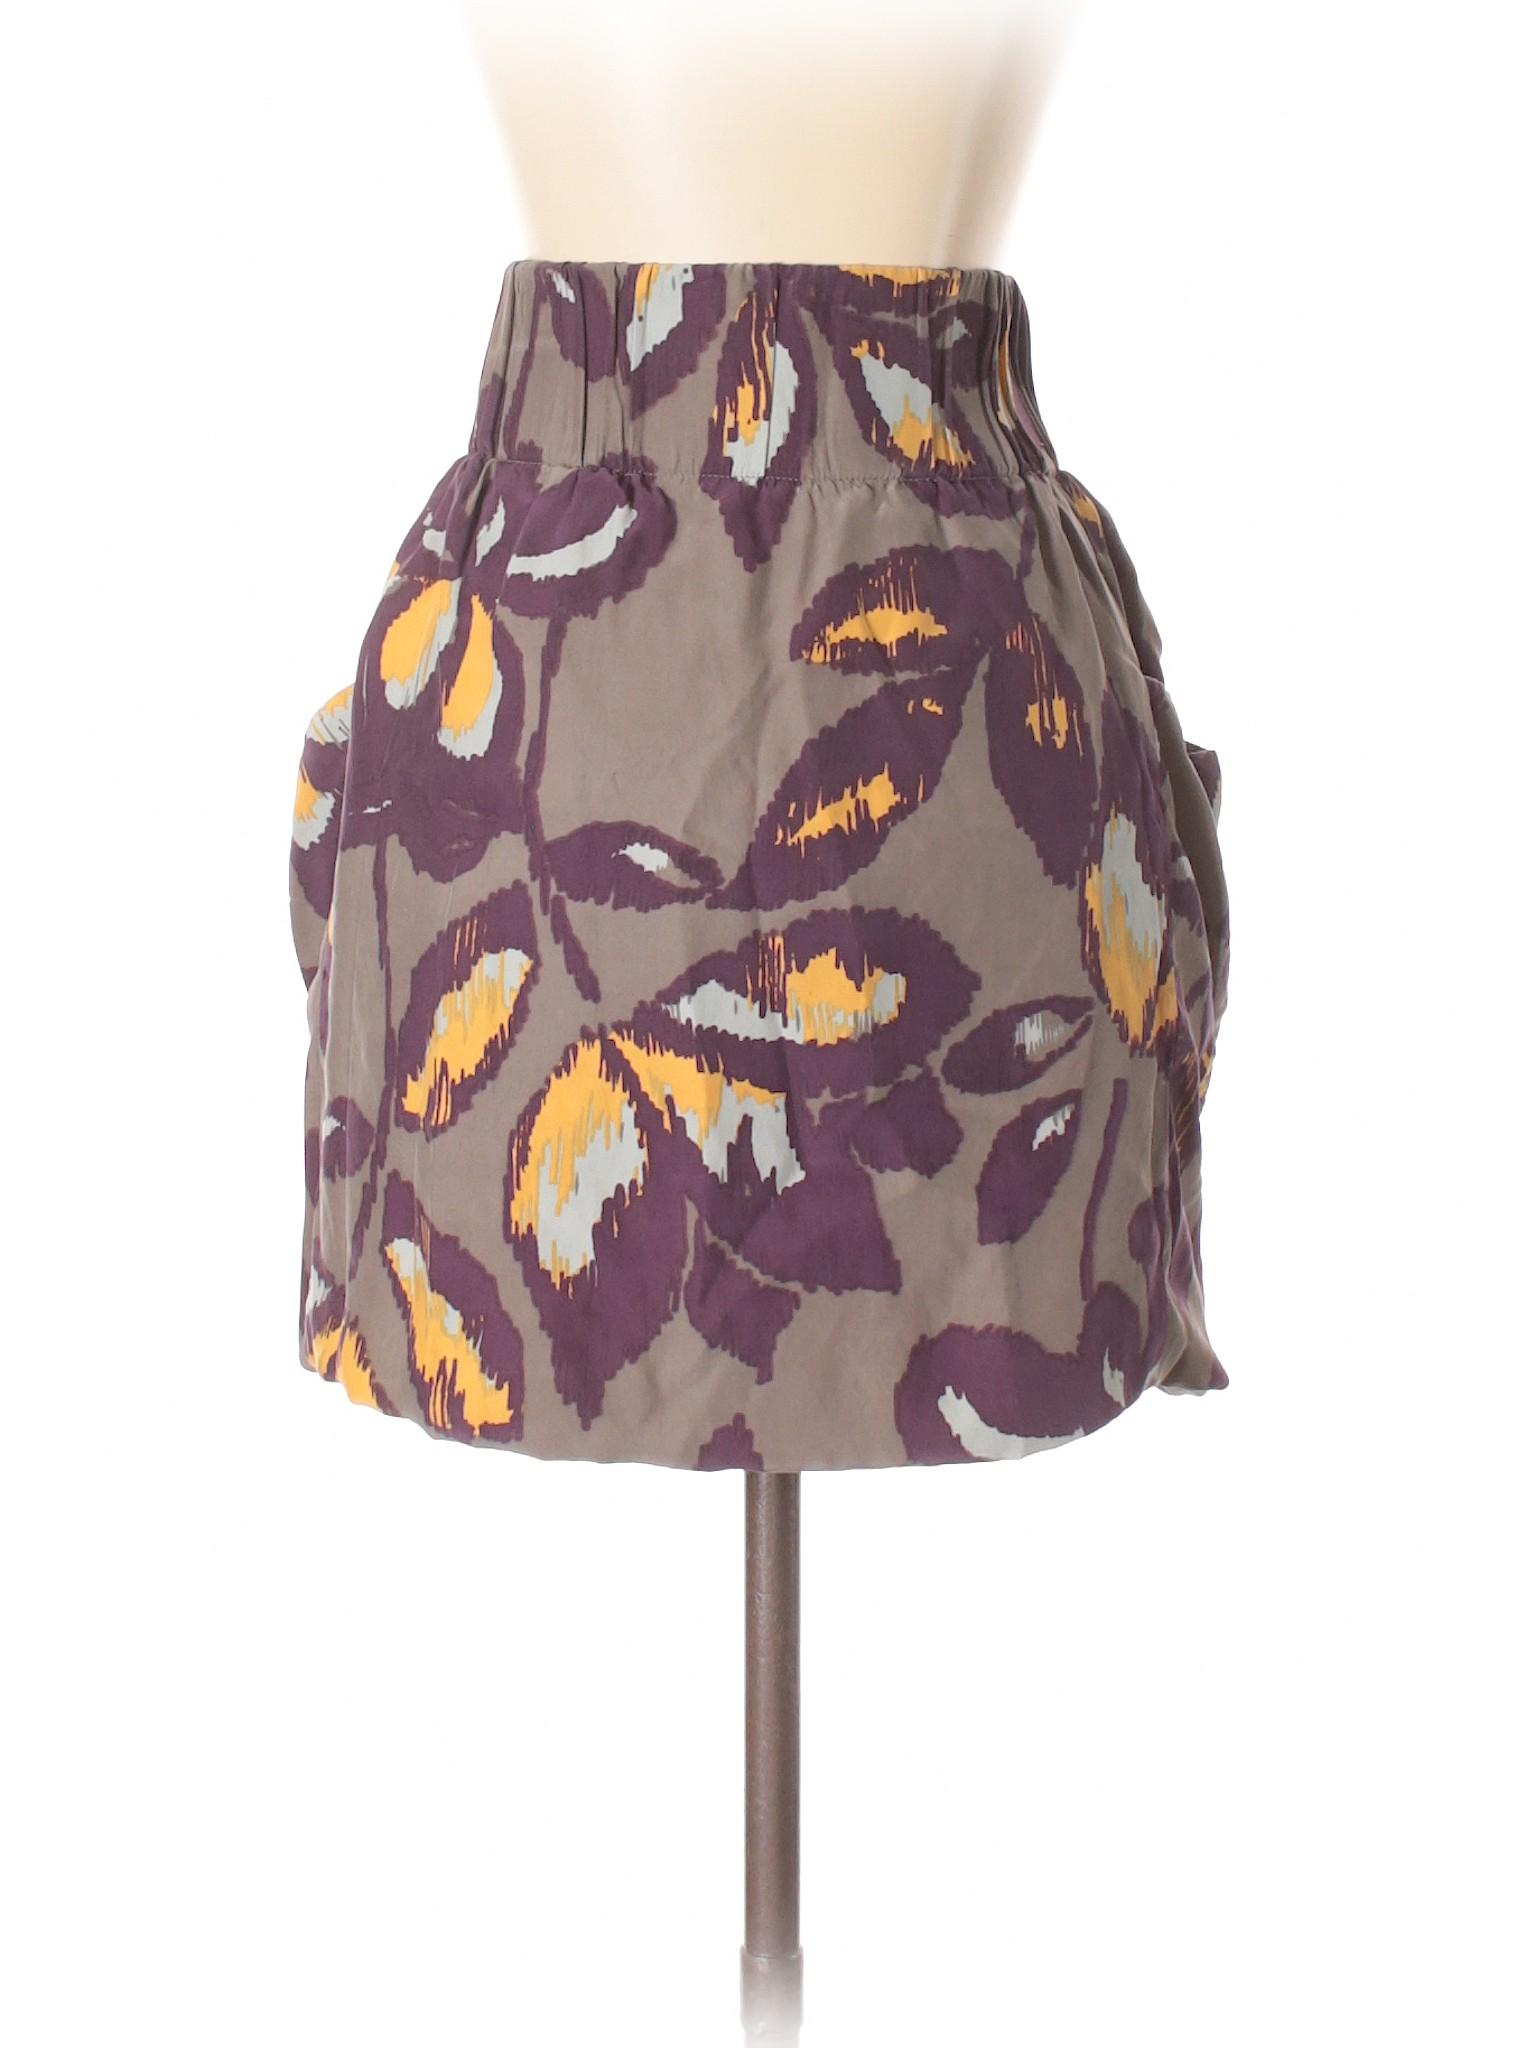 Skirt Boutique Silk Boutique Skirt Skirt Boutique Silk Boutique Boutique Silk Silk Boutique Skirt Silk Skirt FFq1wrWTy